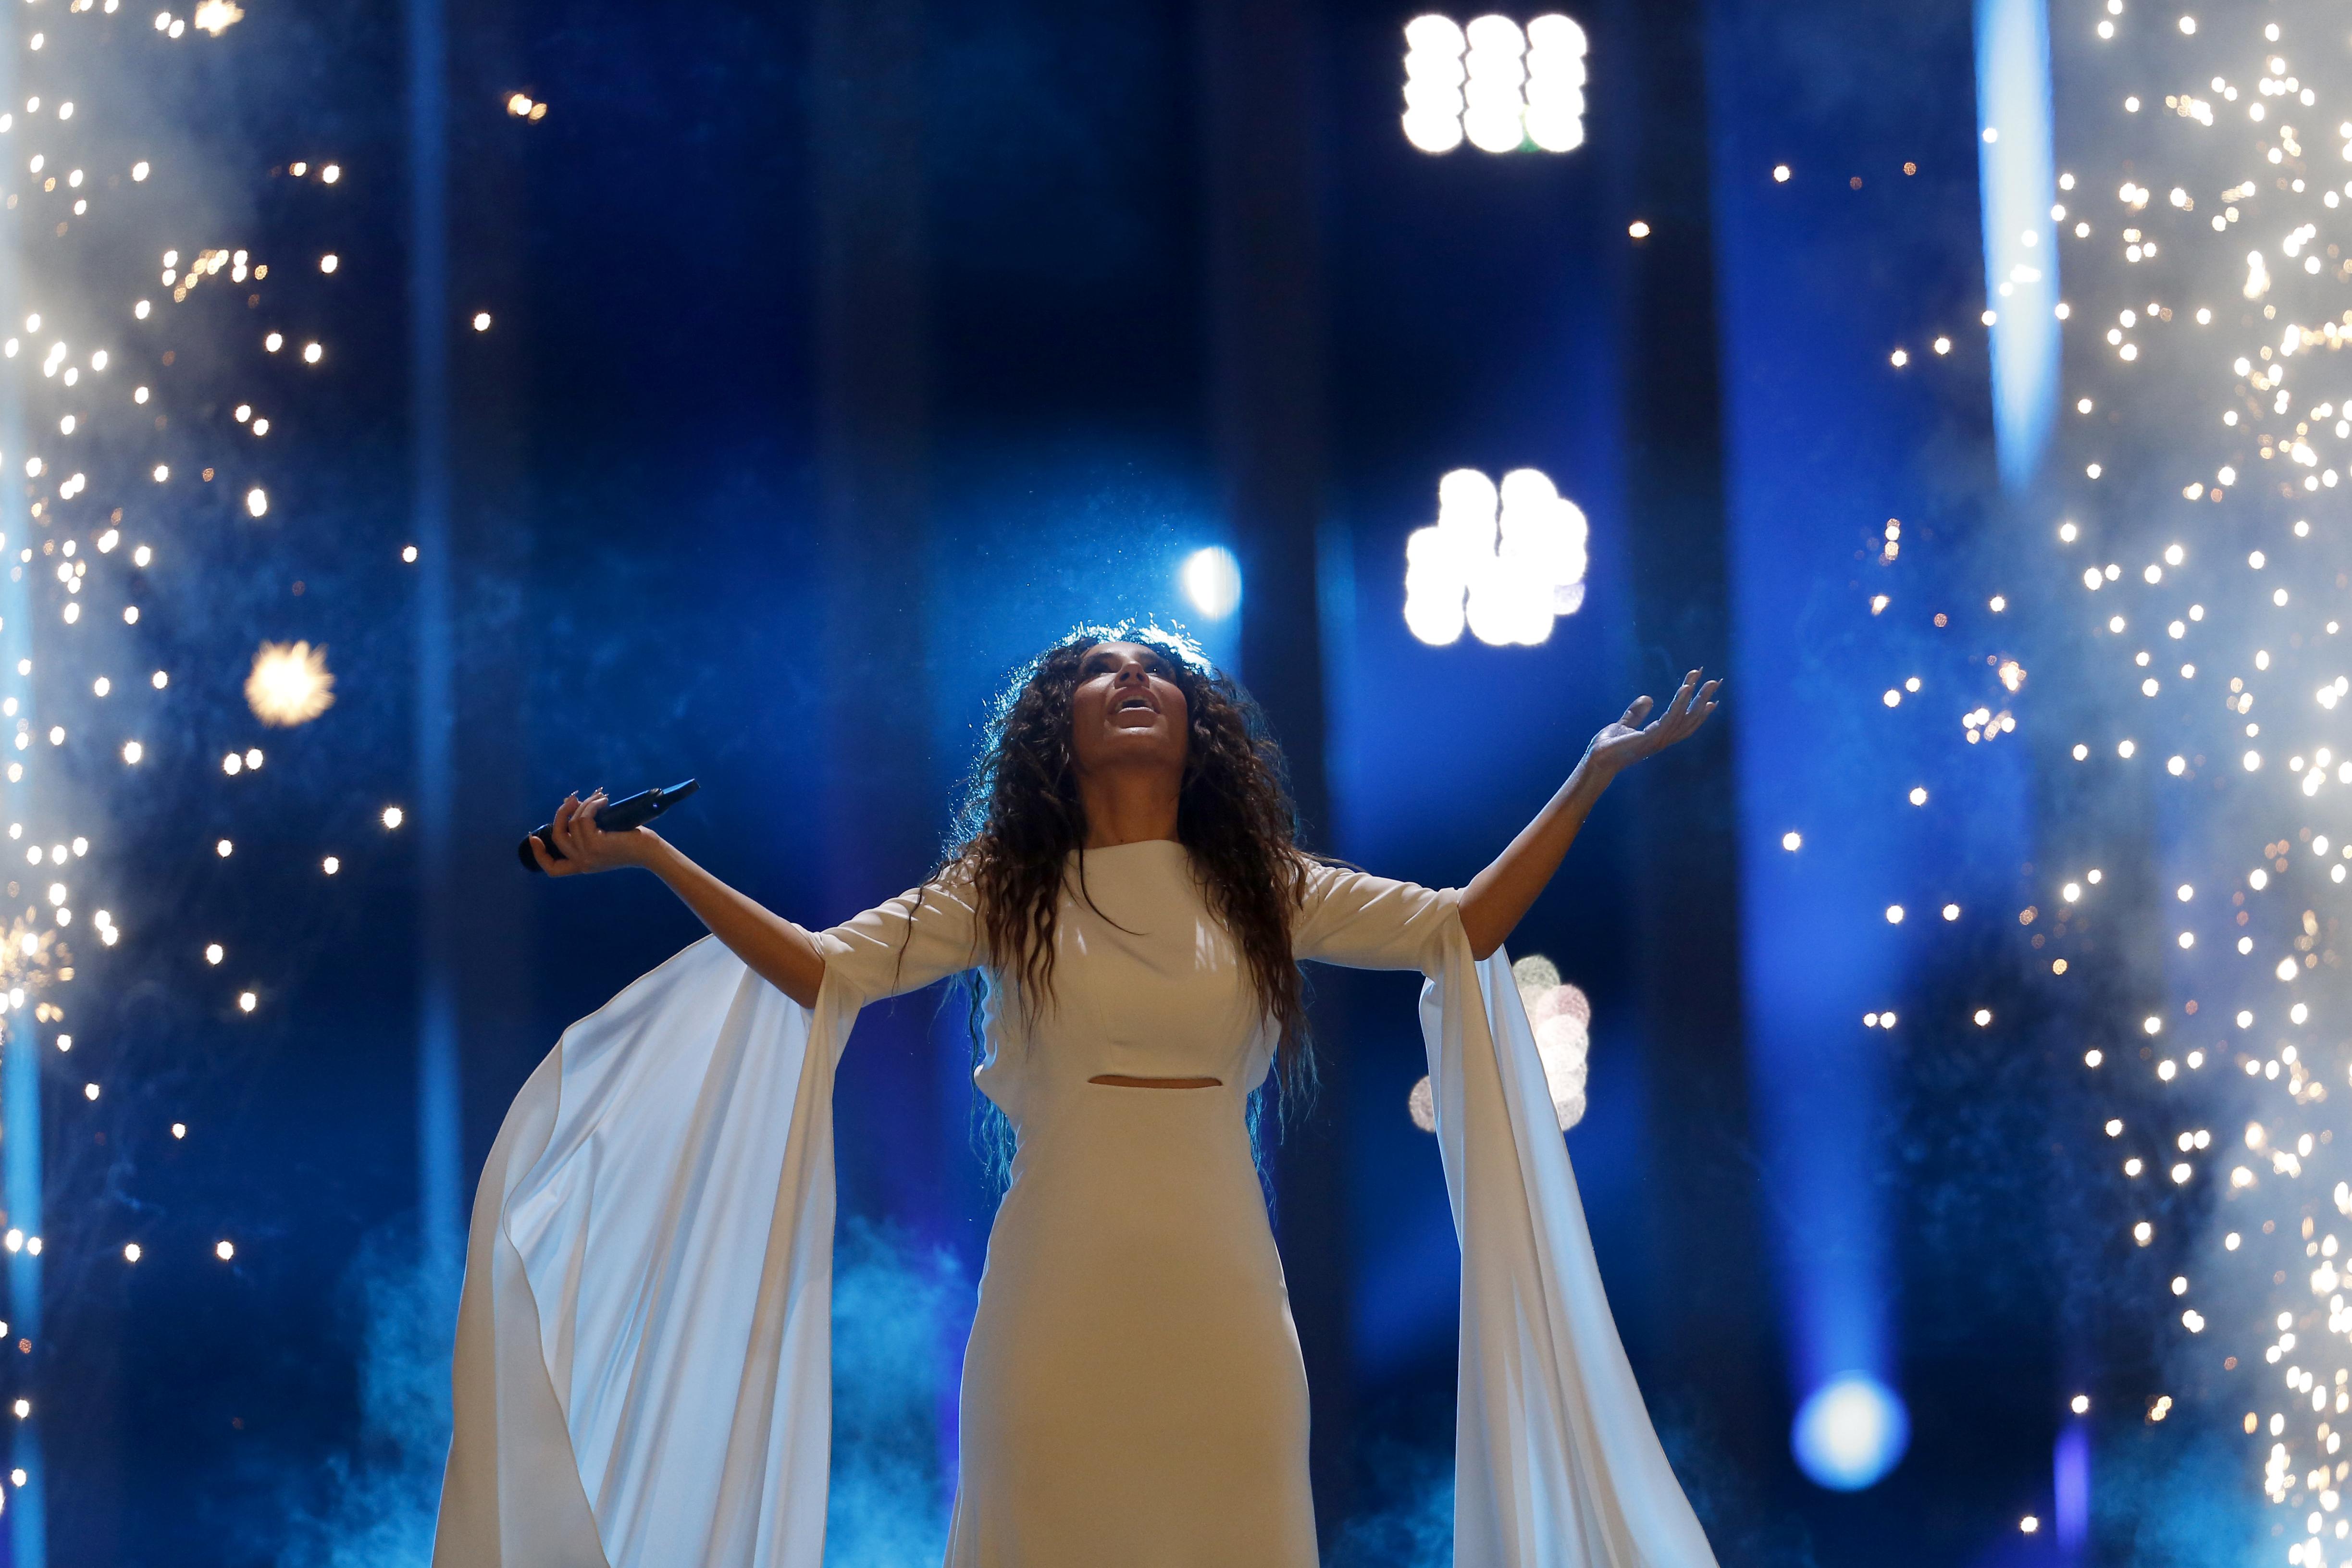 Γιάννα Τερζή: Δάκρυα κι απογοήτευση μετά τον αποκλεισμό της από την Eurovision – Video | tlife.gr